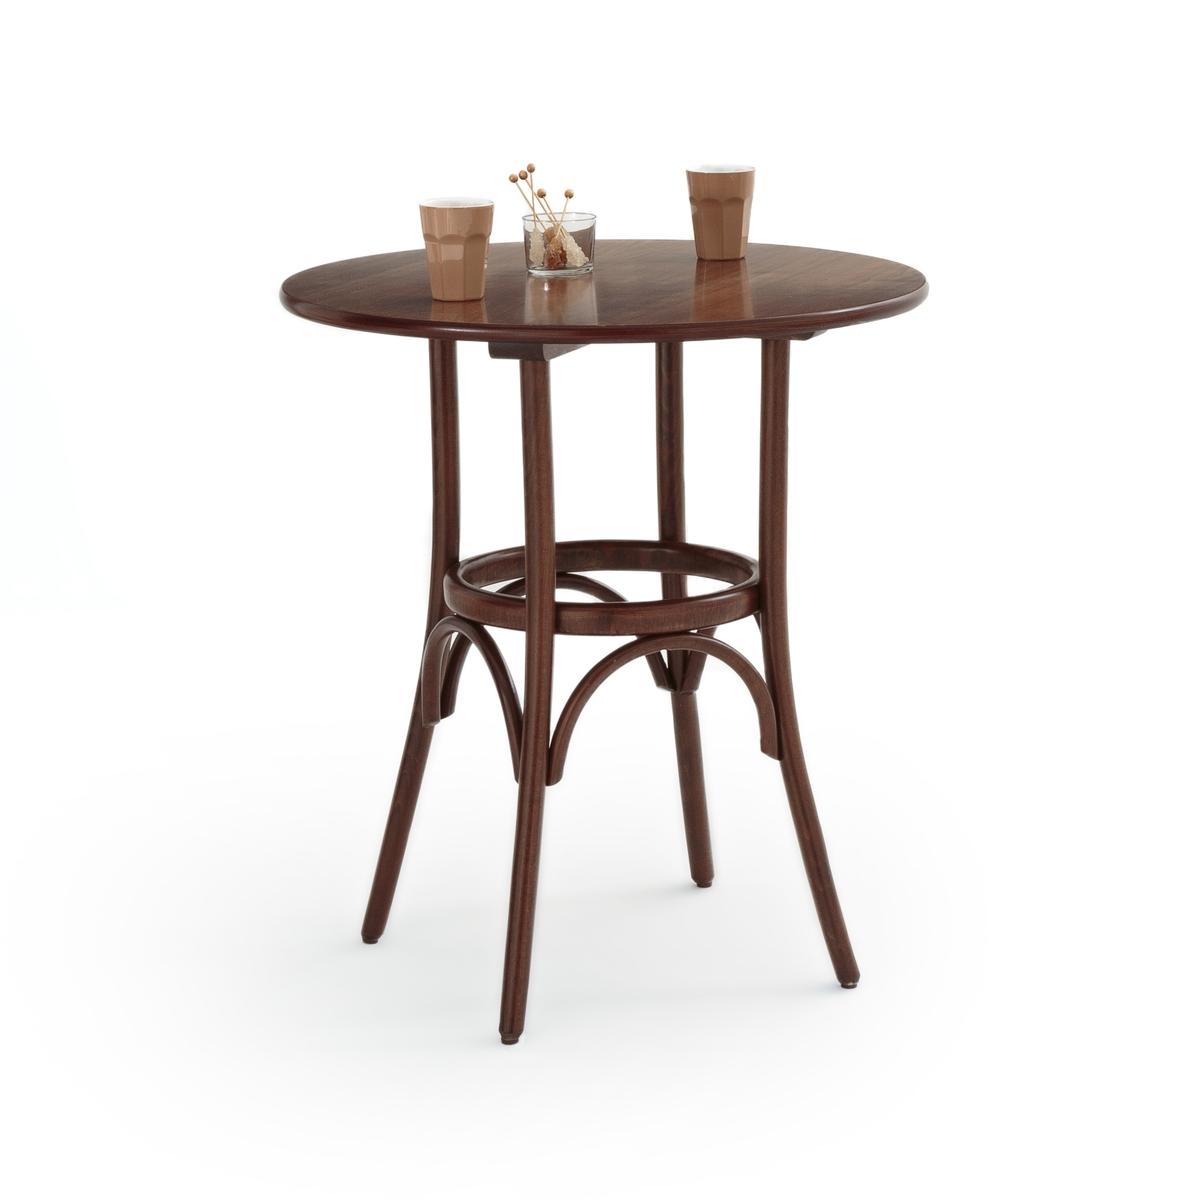 Стол La Redoute Высокий на персоны BISTRO 2 персоны другие стол la redoute барный janik регулируемый по высоте 2 персоны белый